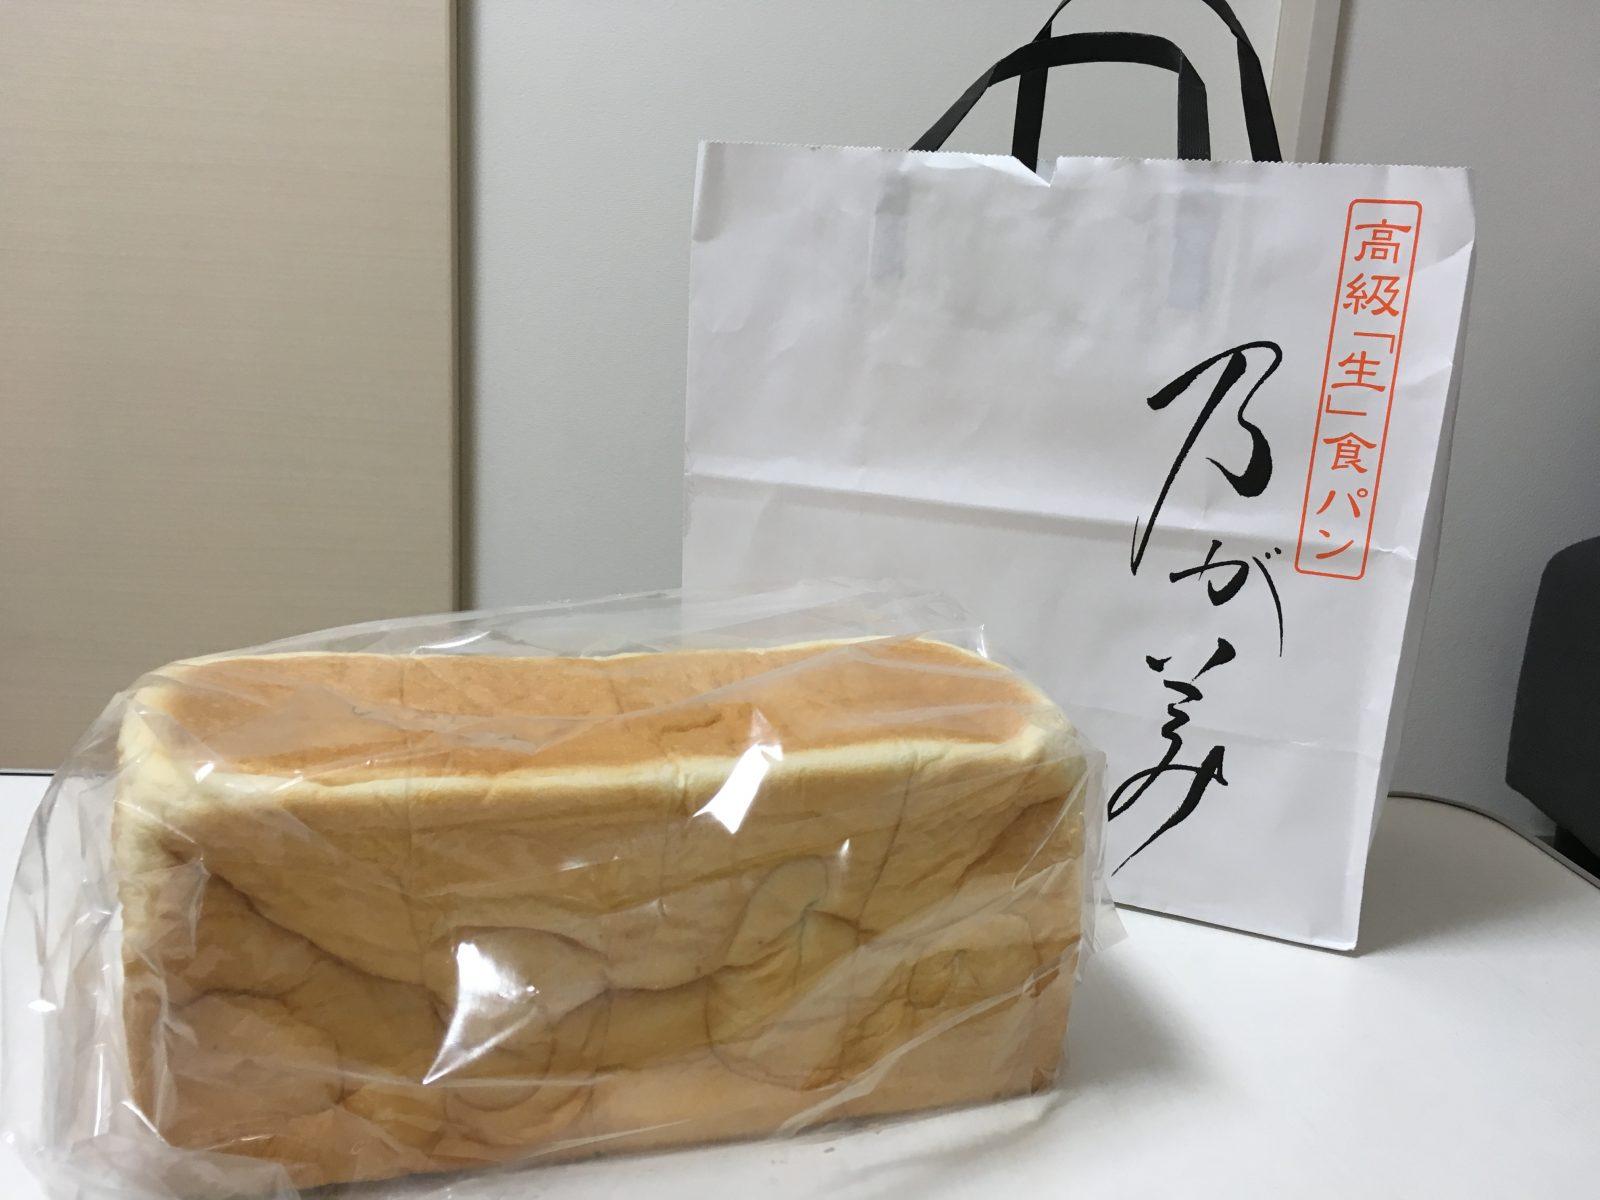 全国70店舗!高級「生」食パンで人気の「乃が美」が仙台にも♪